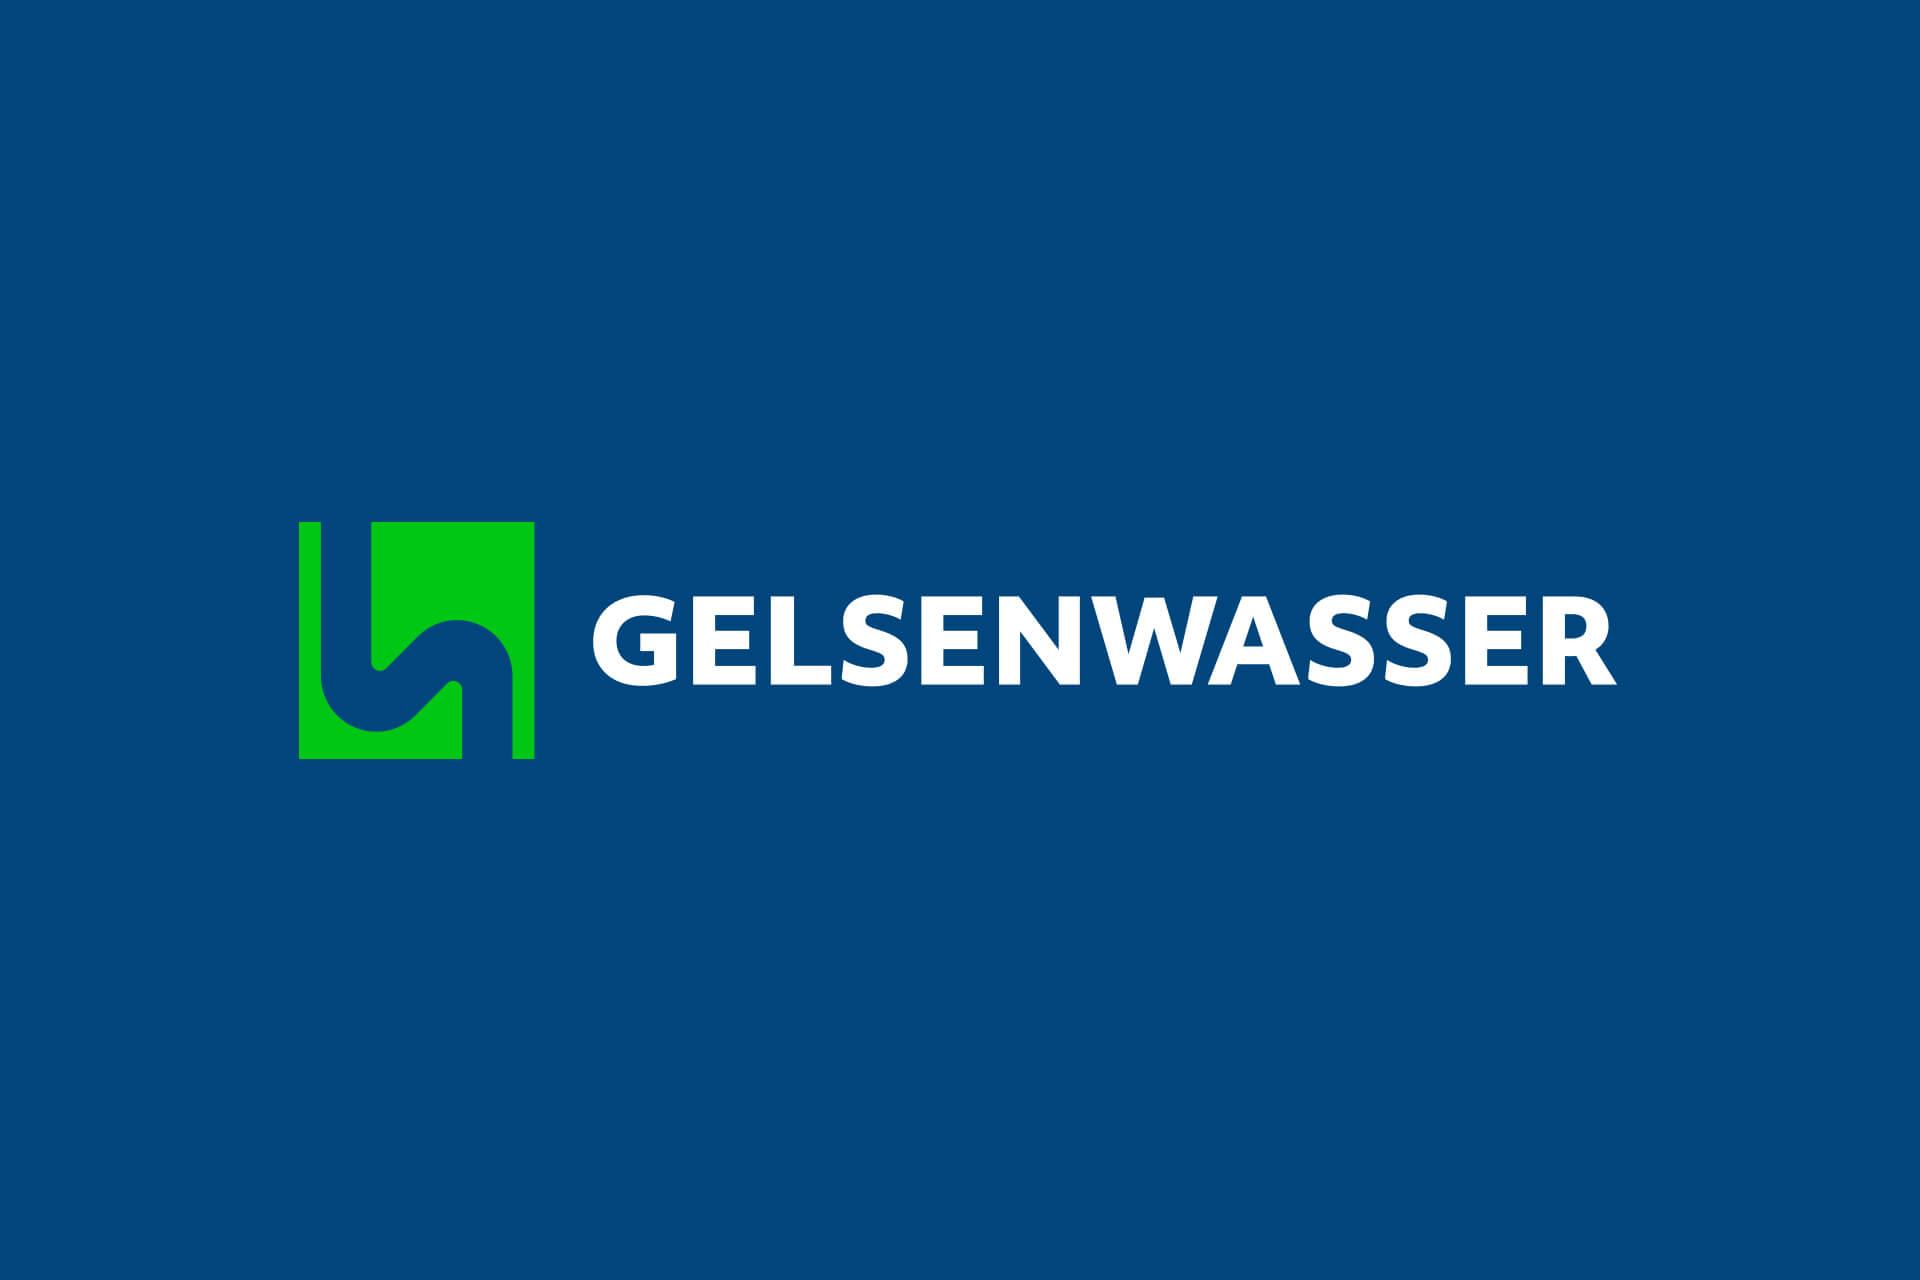 Das neue, überarbeitete Logo der Gelsenwasser AG von der Corporate Design Agentur 31M aus Essen, Ruhrgebiet